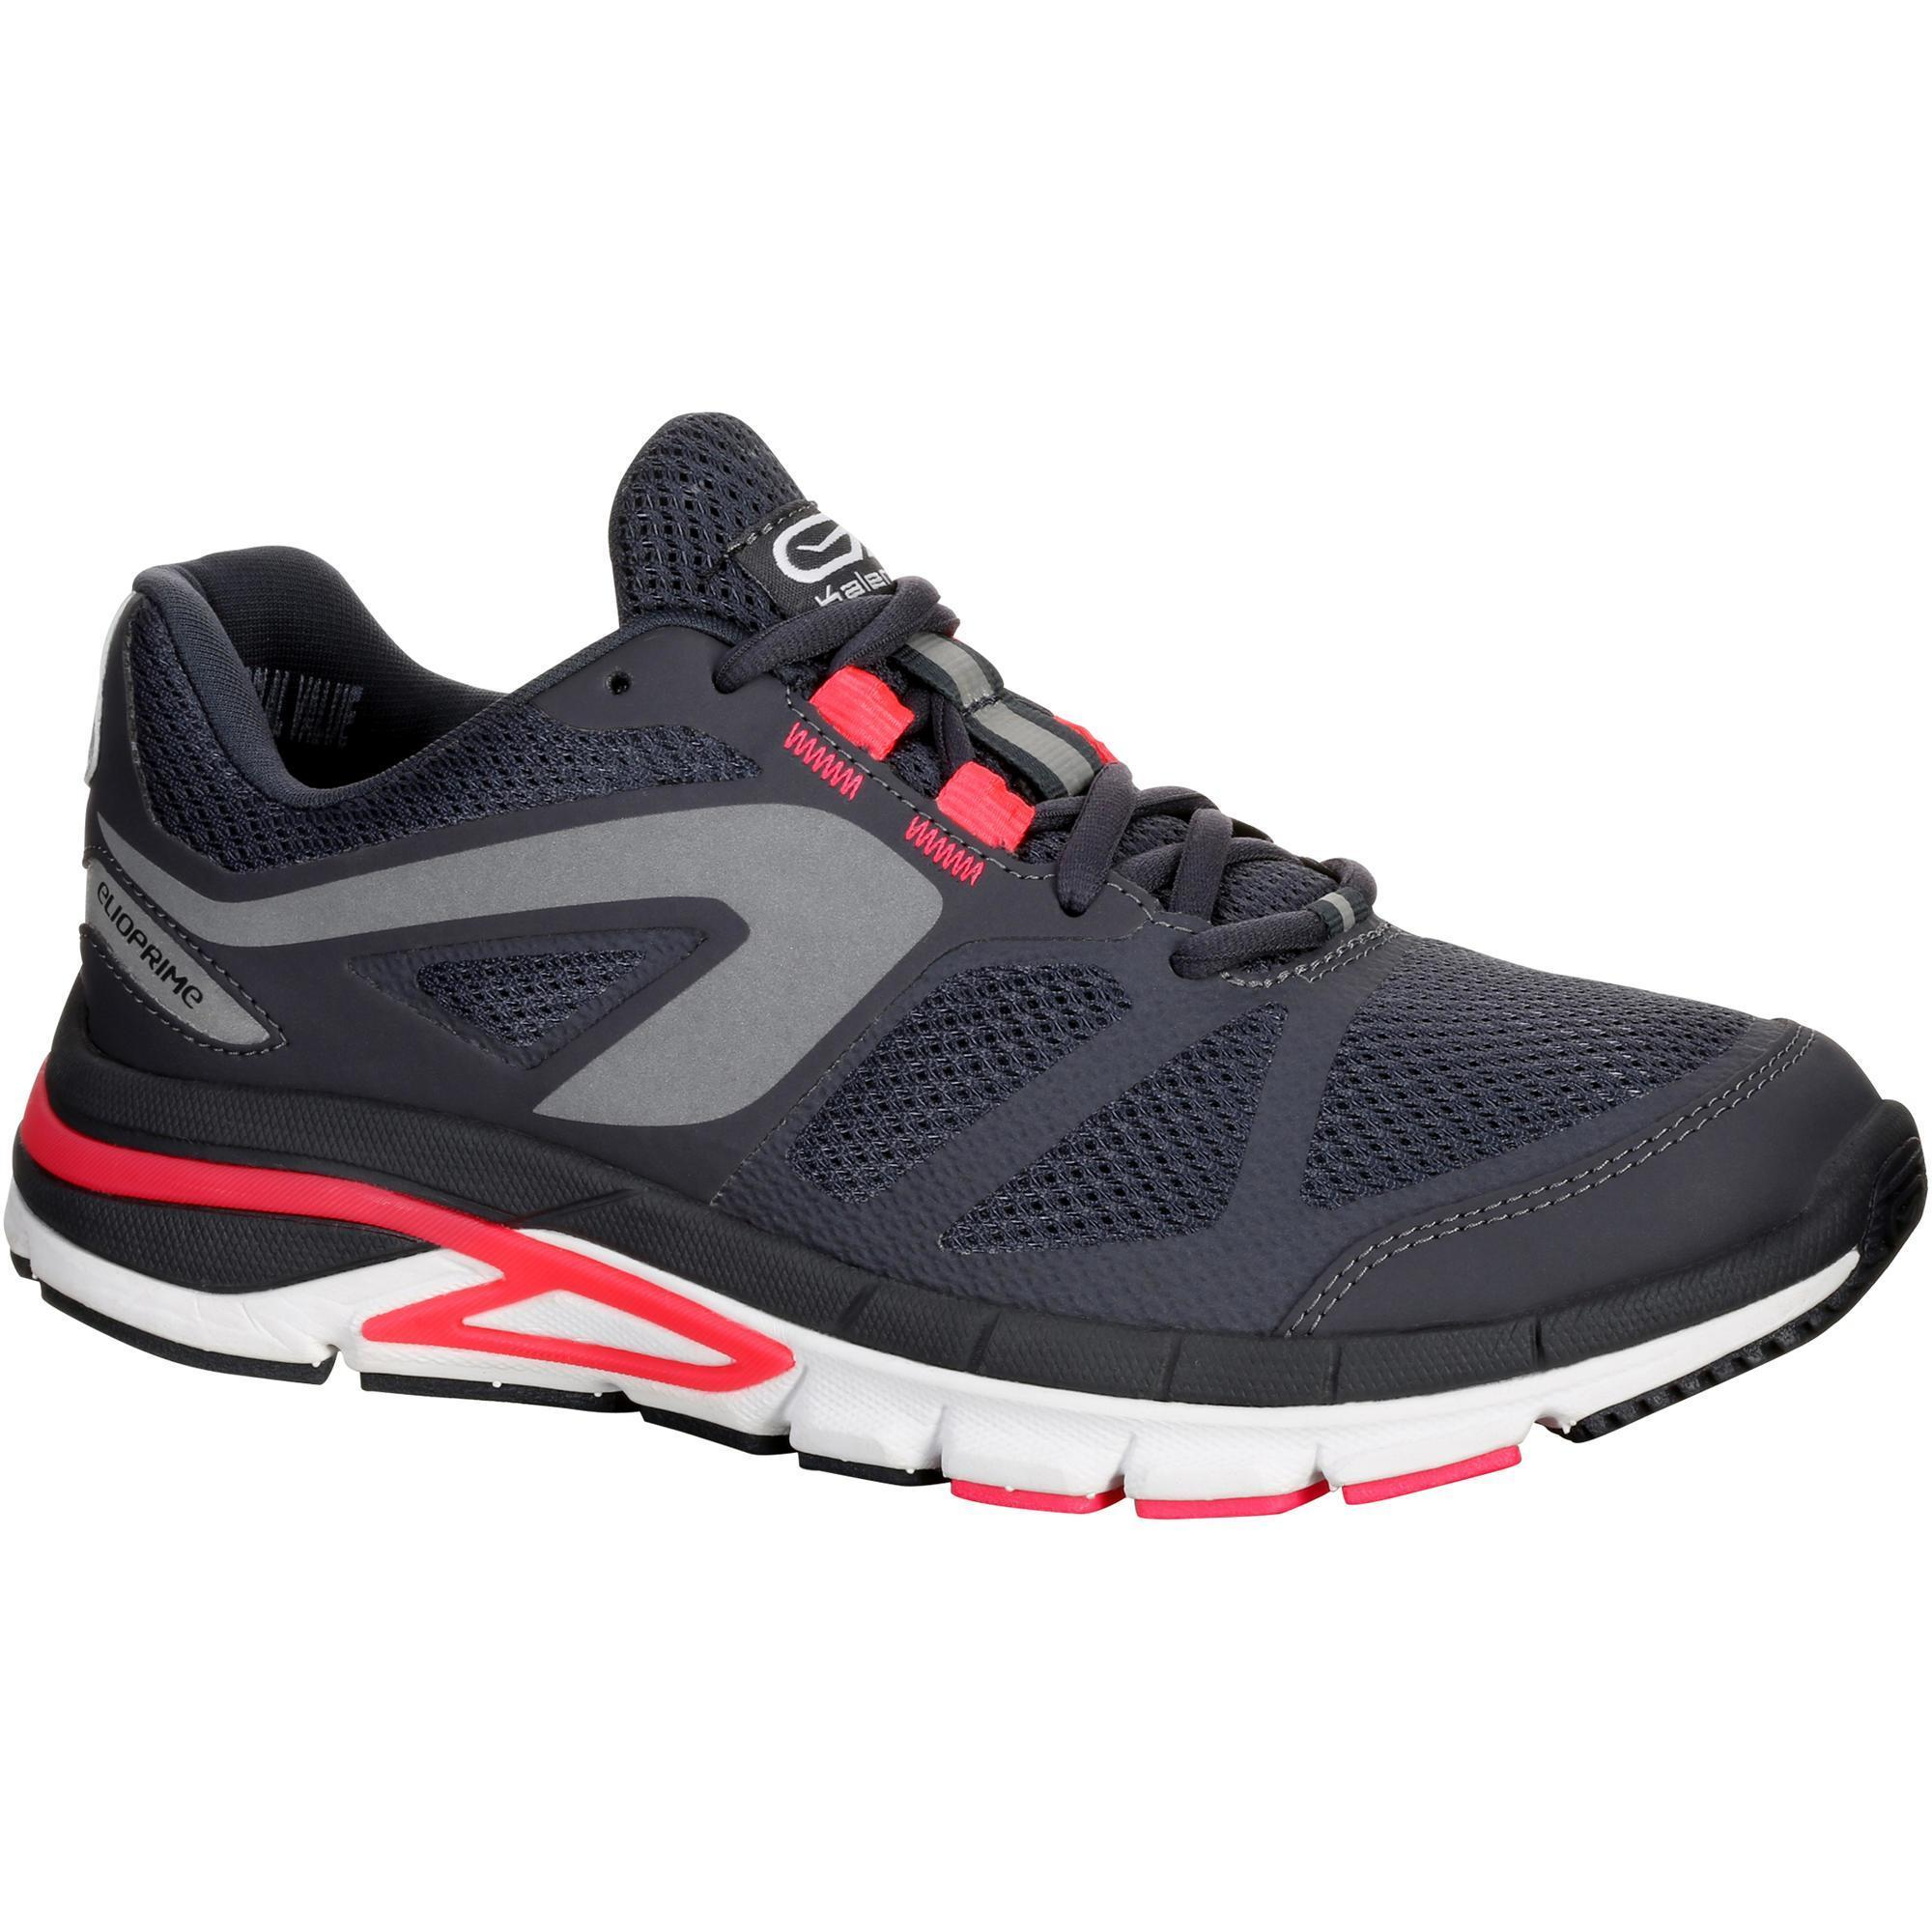 scarpe running donna scarpe running donna run elioprime grigio  corallo kalenji 8380024 1071803 17c9a09aa79